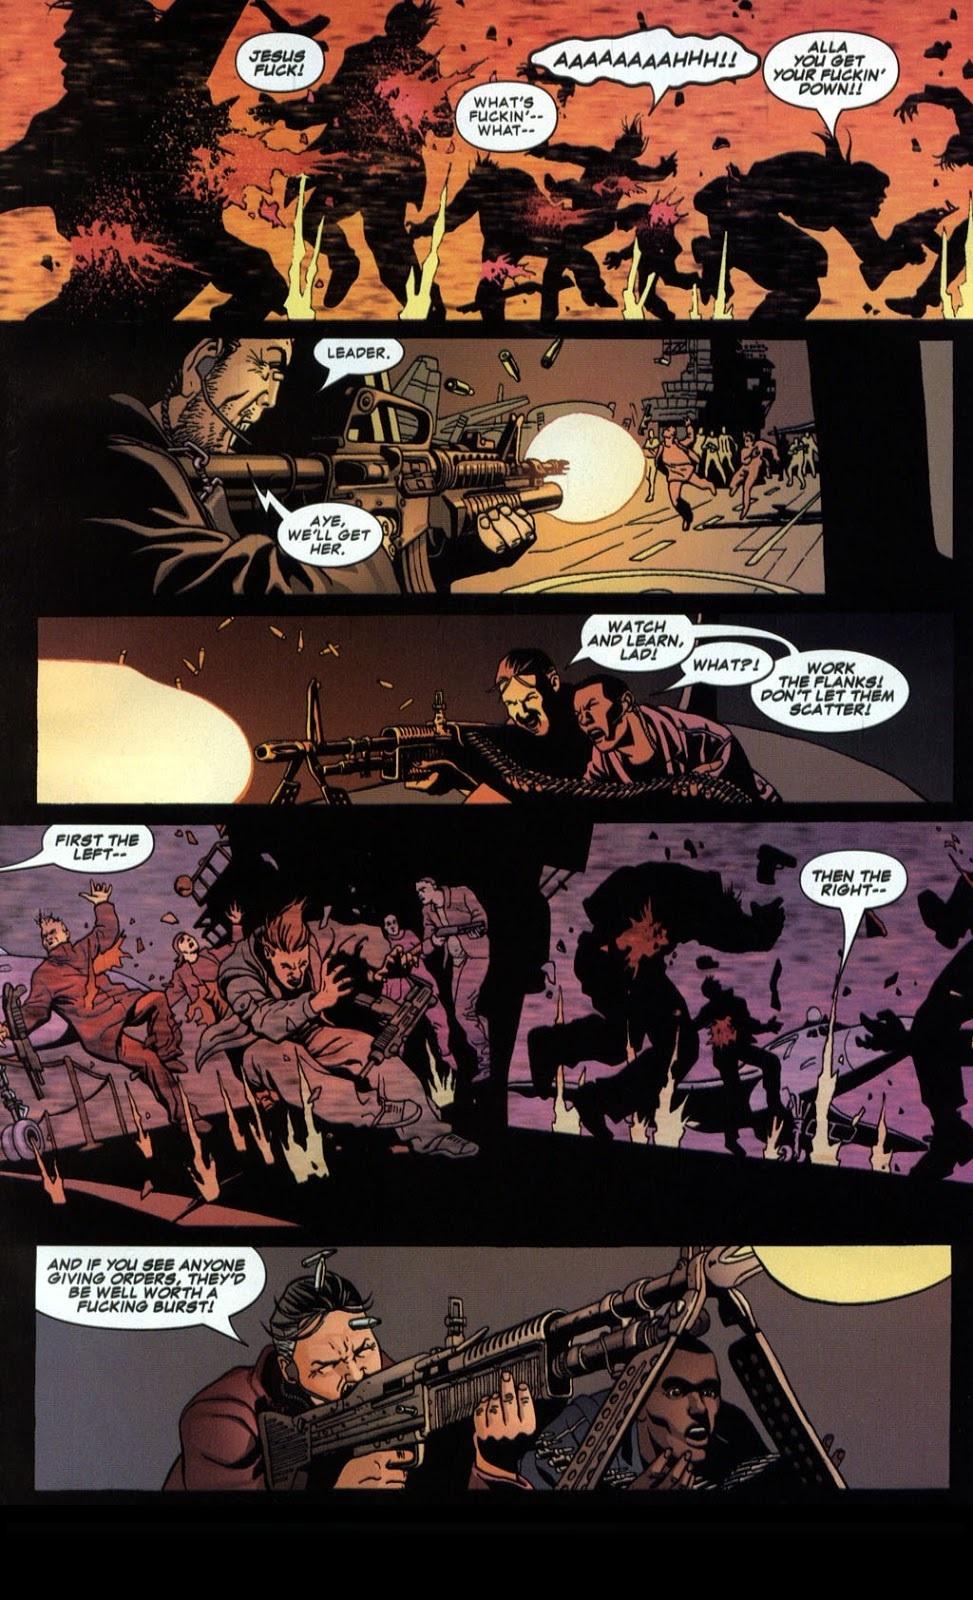 10 жестоких комиксов про Карателя | Канобу - Изображение 8